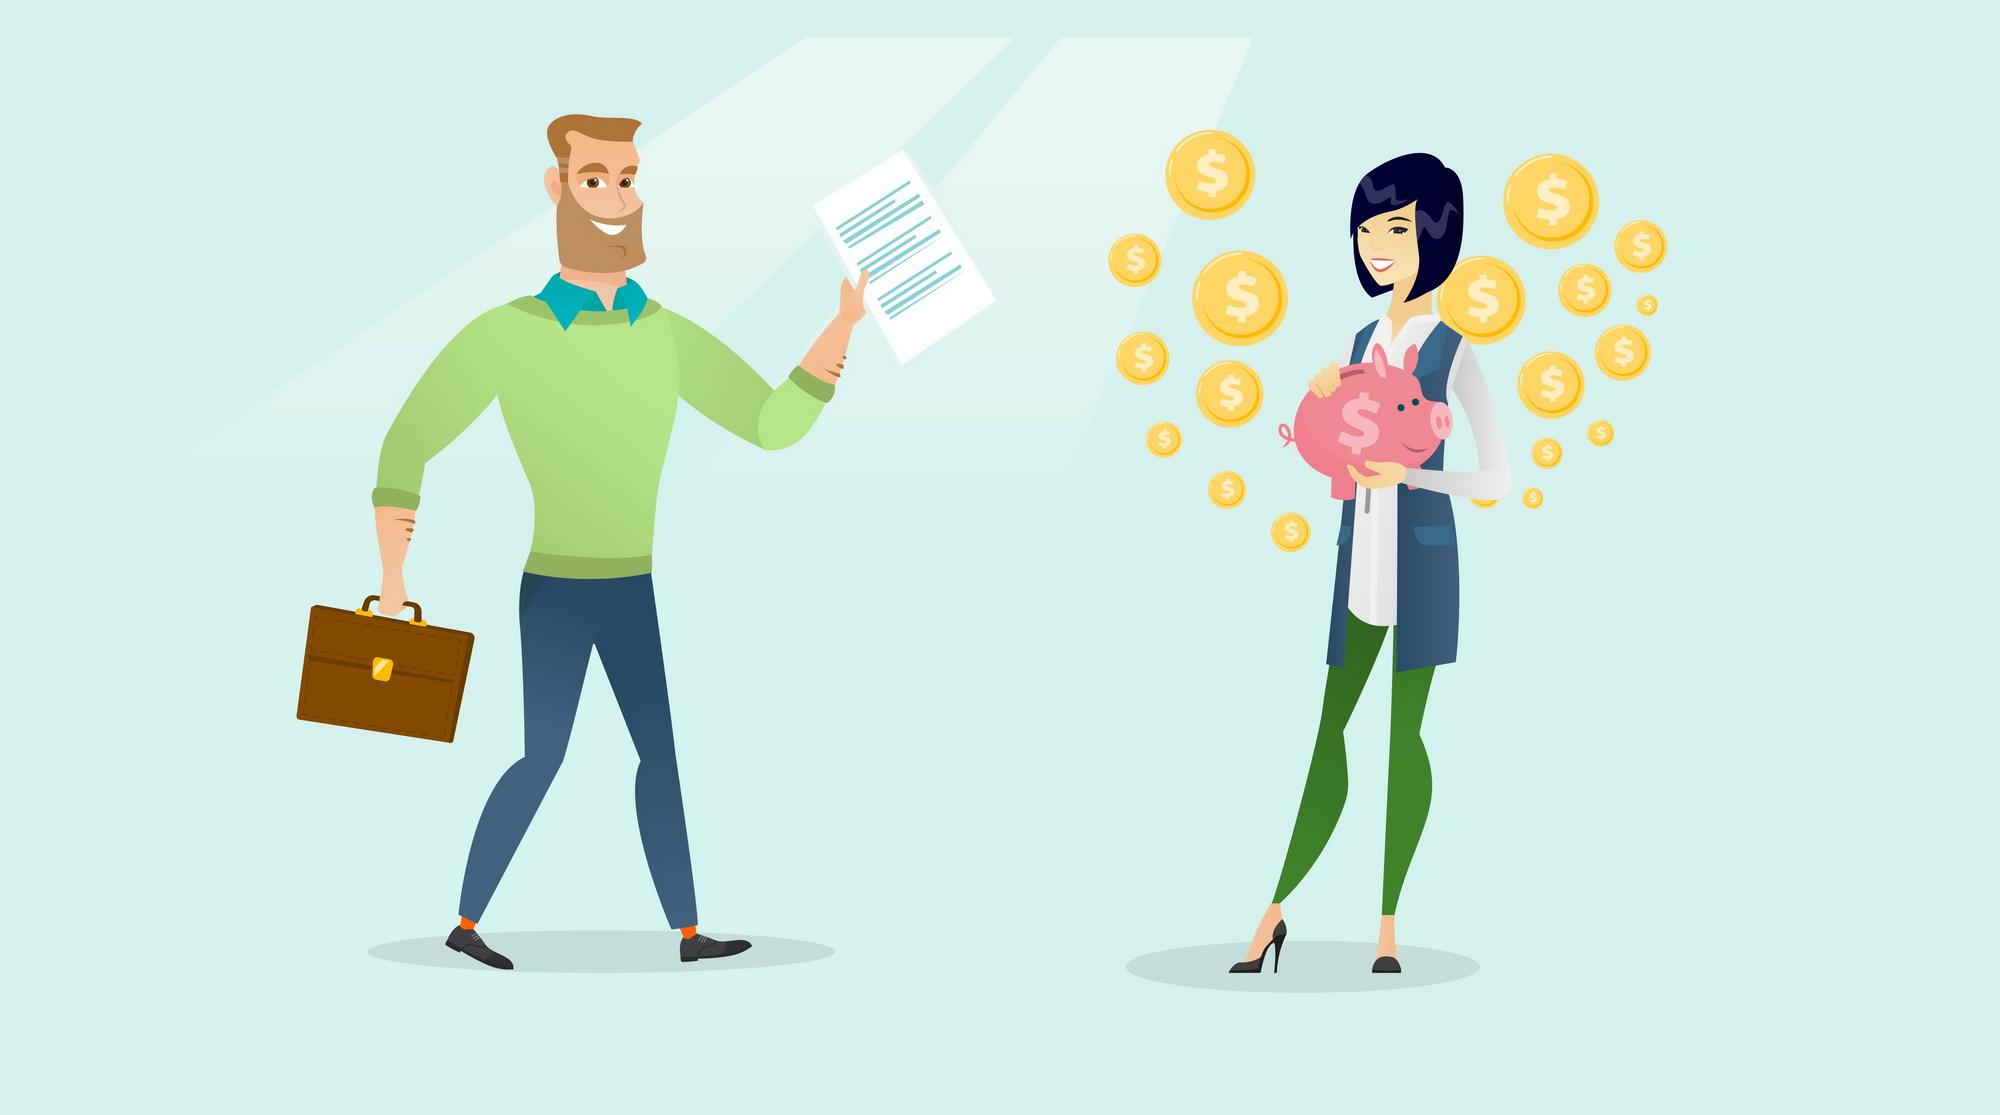 Вклад до востребования Сбербанка России✅процентная ставка для физических лиц